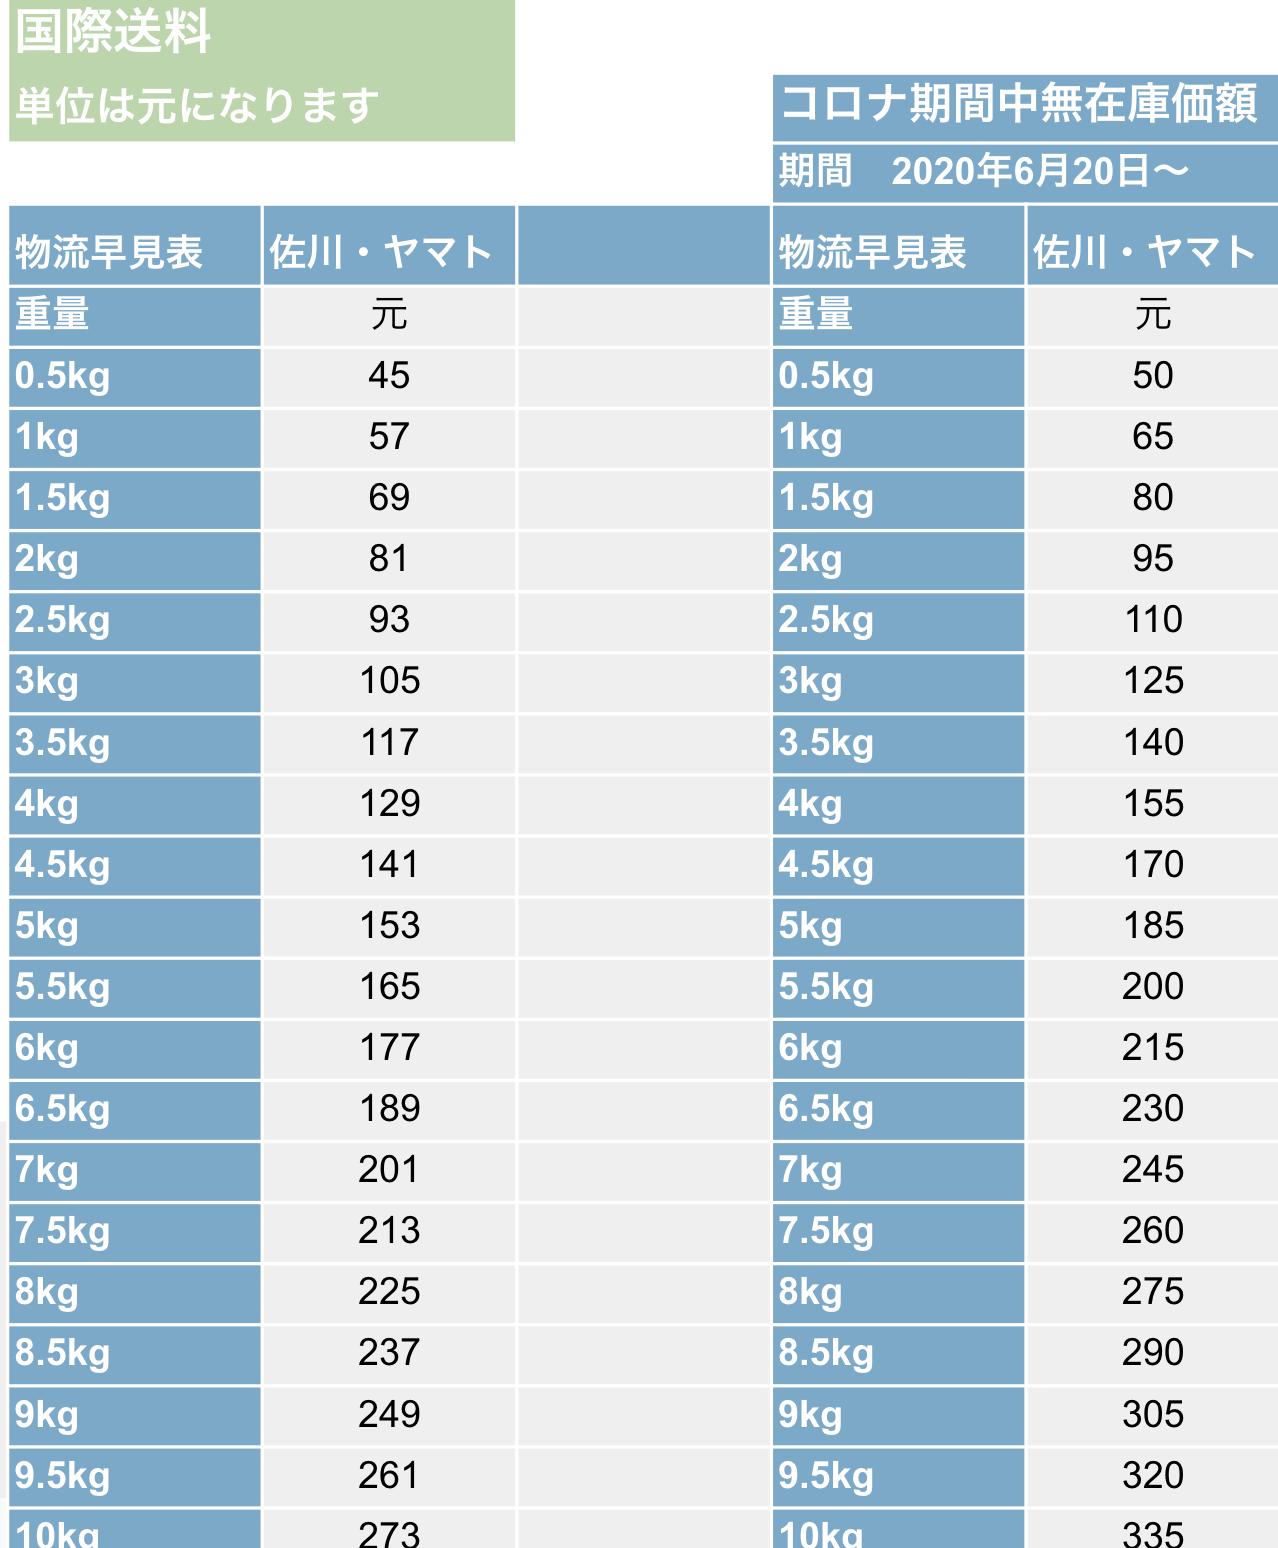 【中国輸入でかかる経費⑤】国際送料